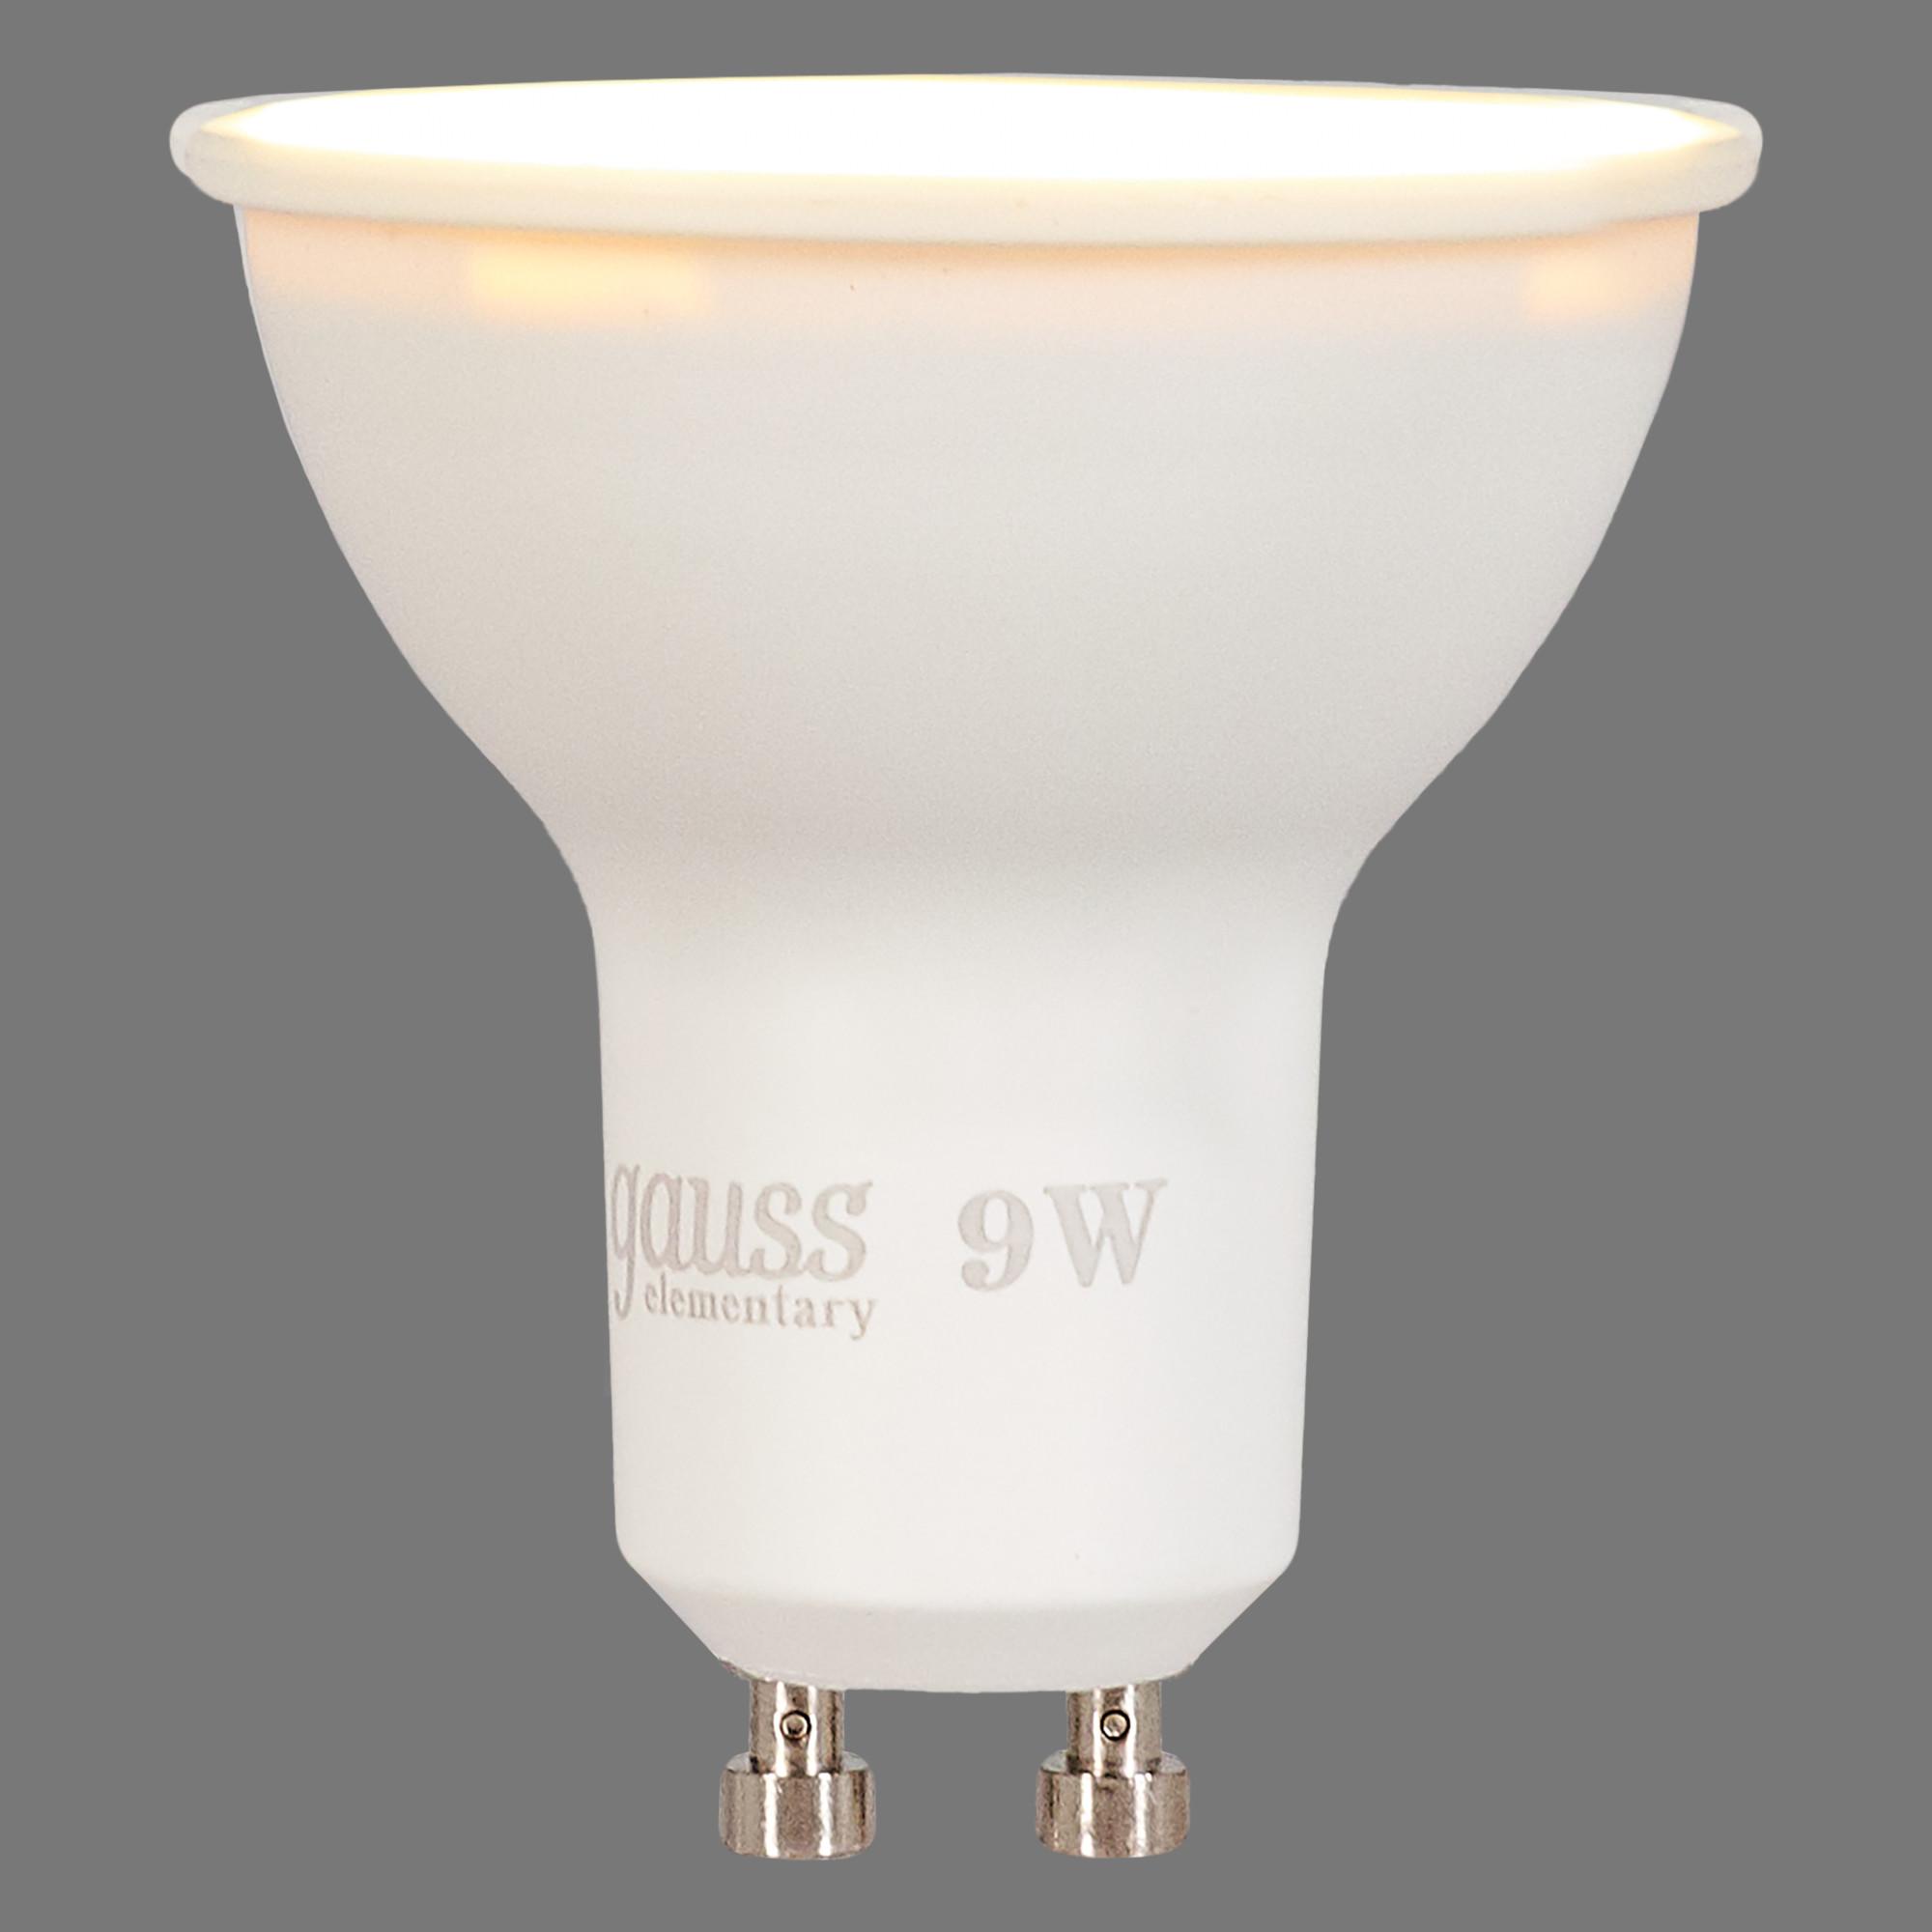 Лампа светодиодная Gauss LED Elementary MR16 GU10 220 В 9 Вт спот матовый 640 лм тёплый белый свет